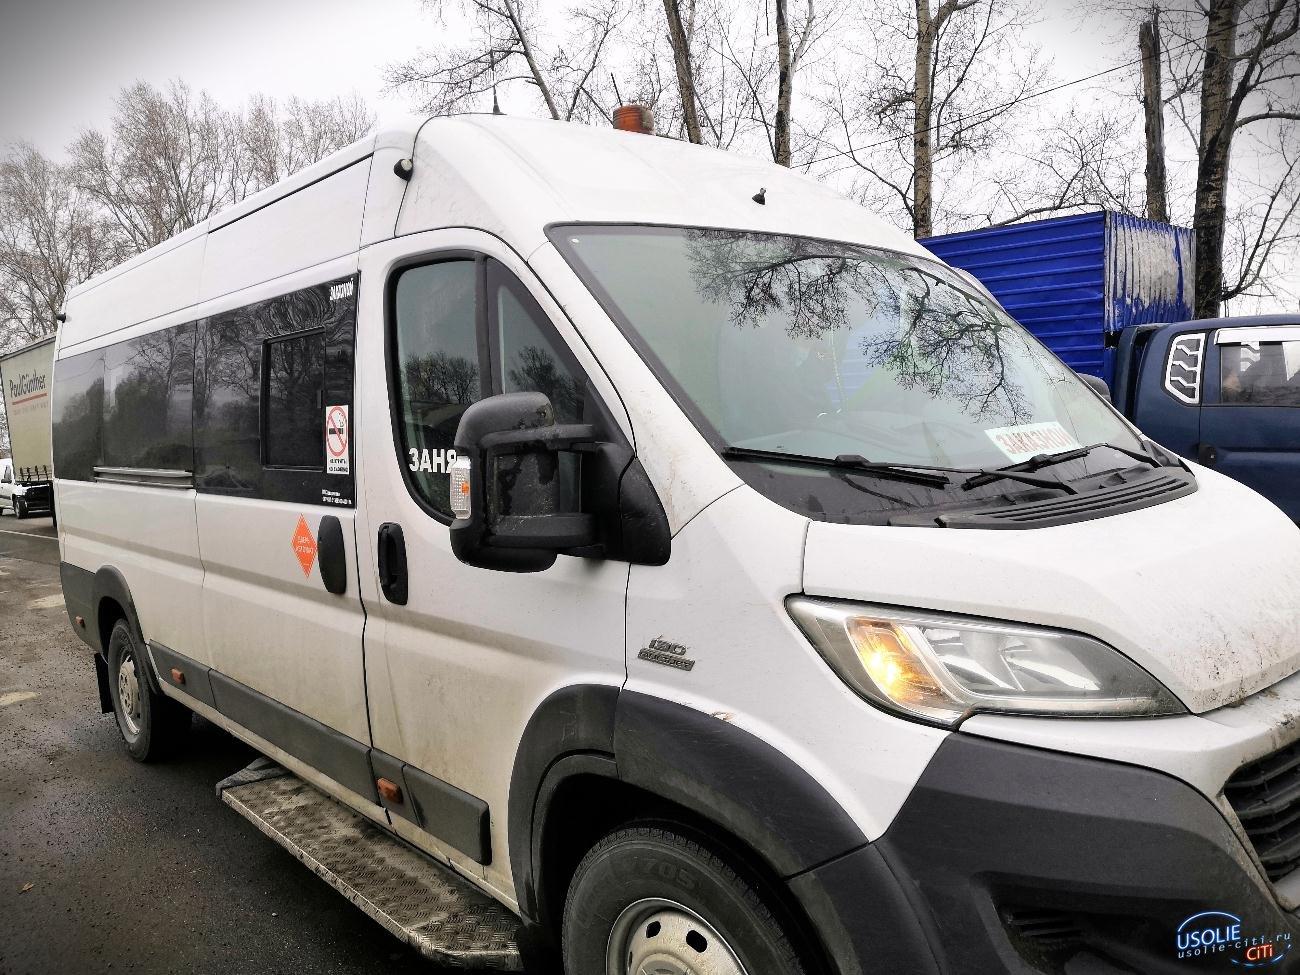 Маршрутные автобусы Усолье-Иркутск поднимают цену за проезд